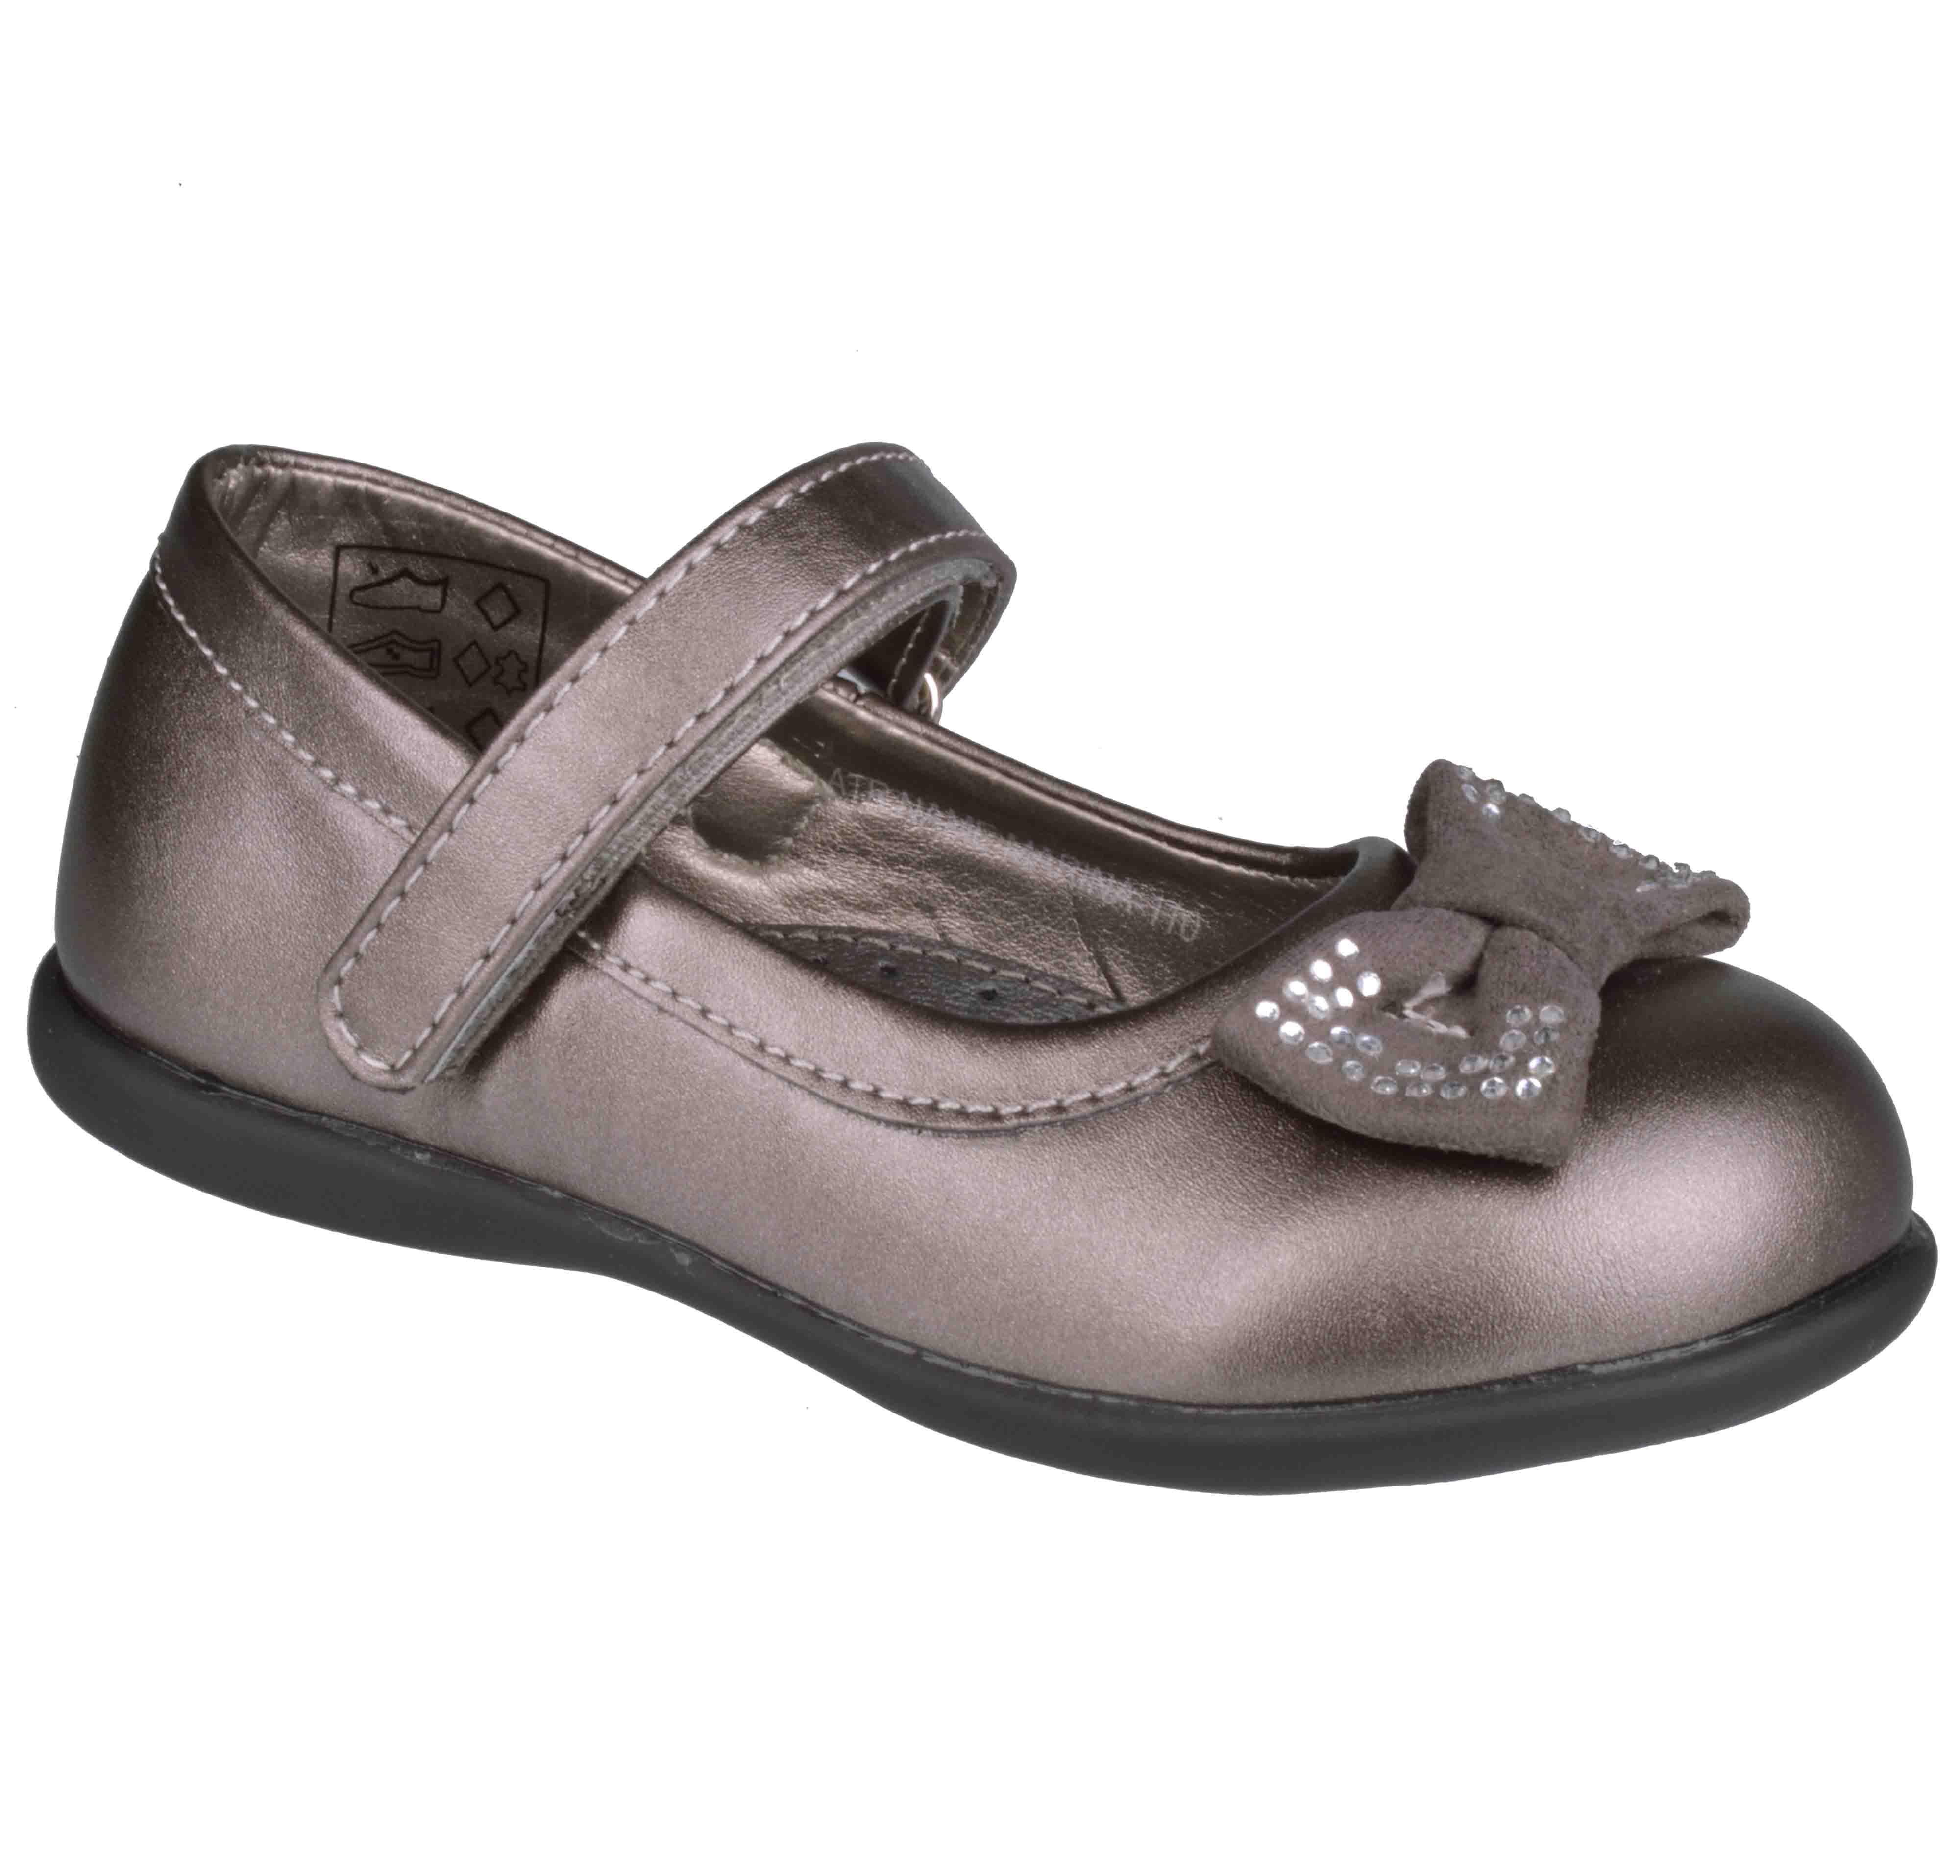 9e50a499bd2 IQ Kids Marina-110 Γκρι | Apostolidis Shoes